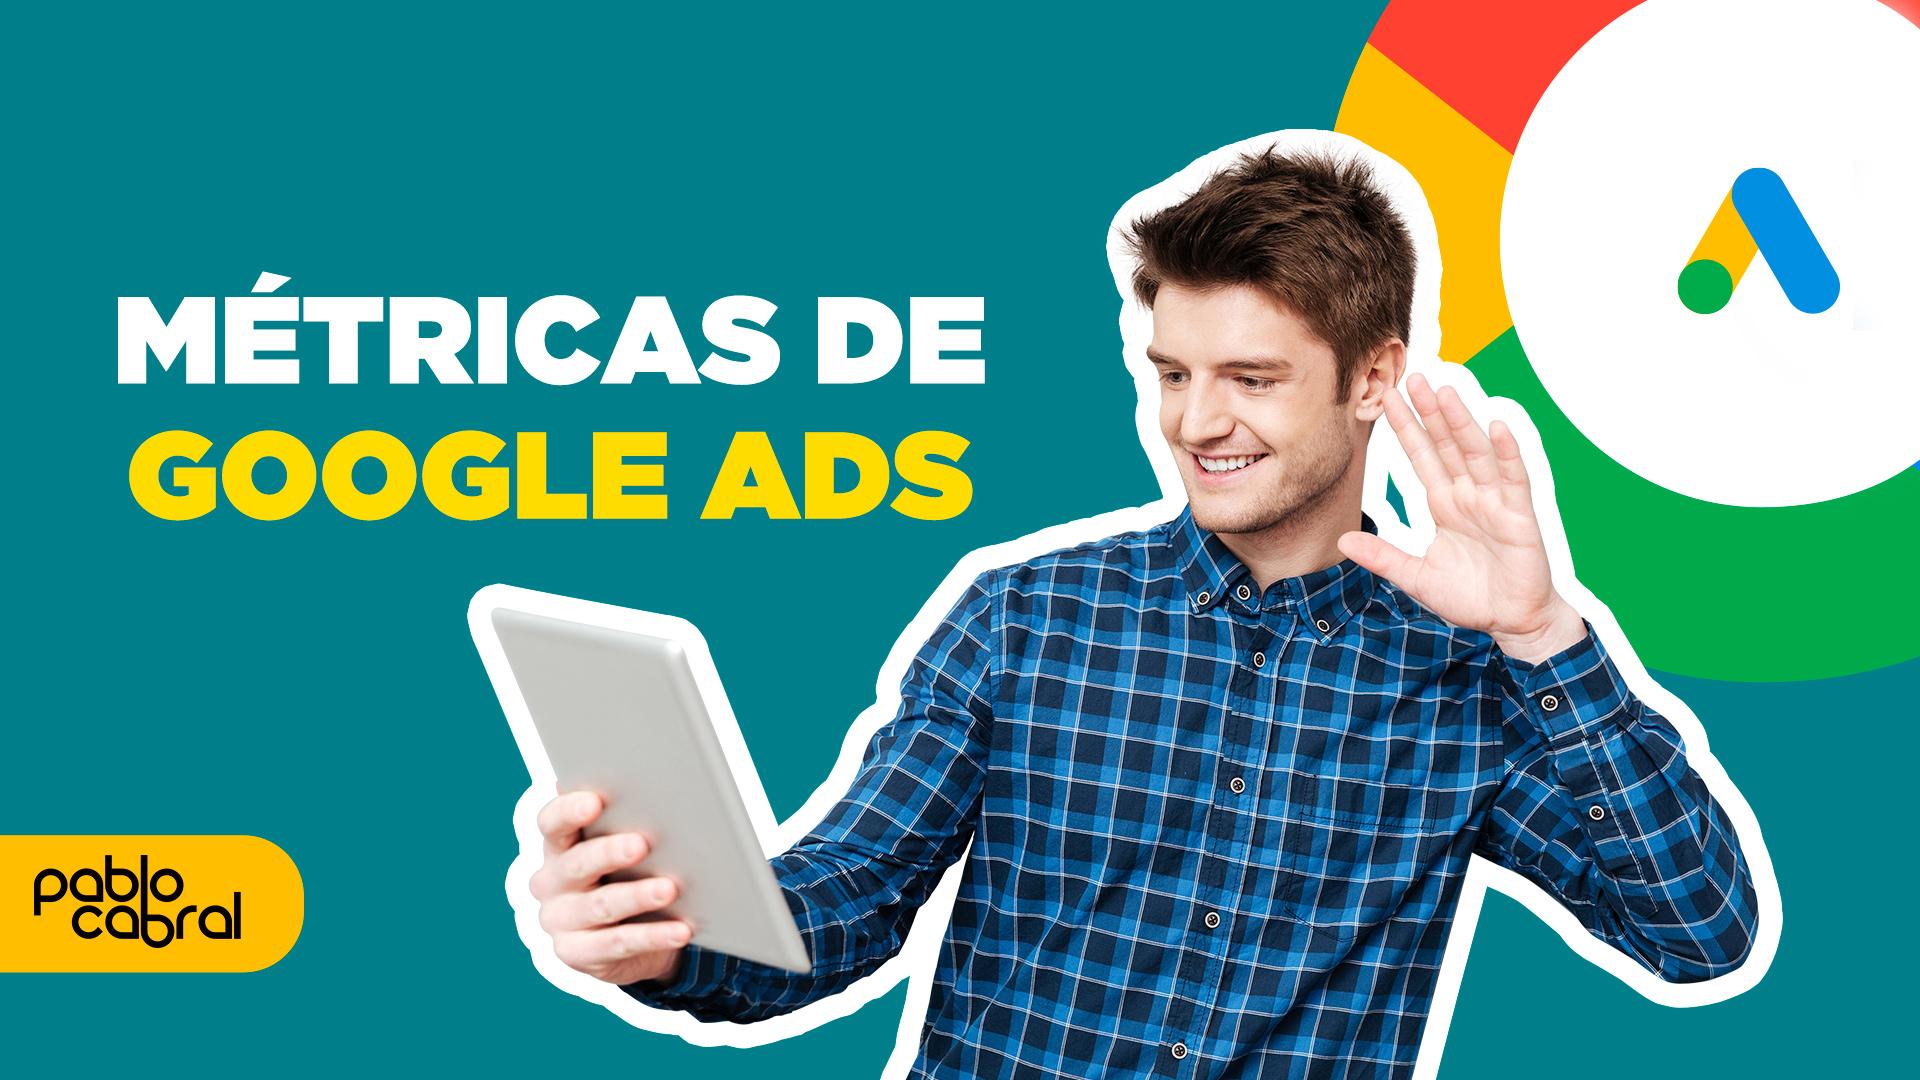 metricas do google ads